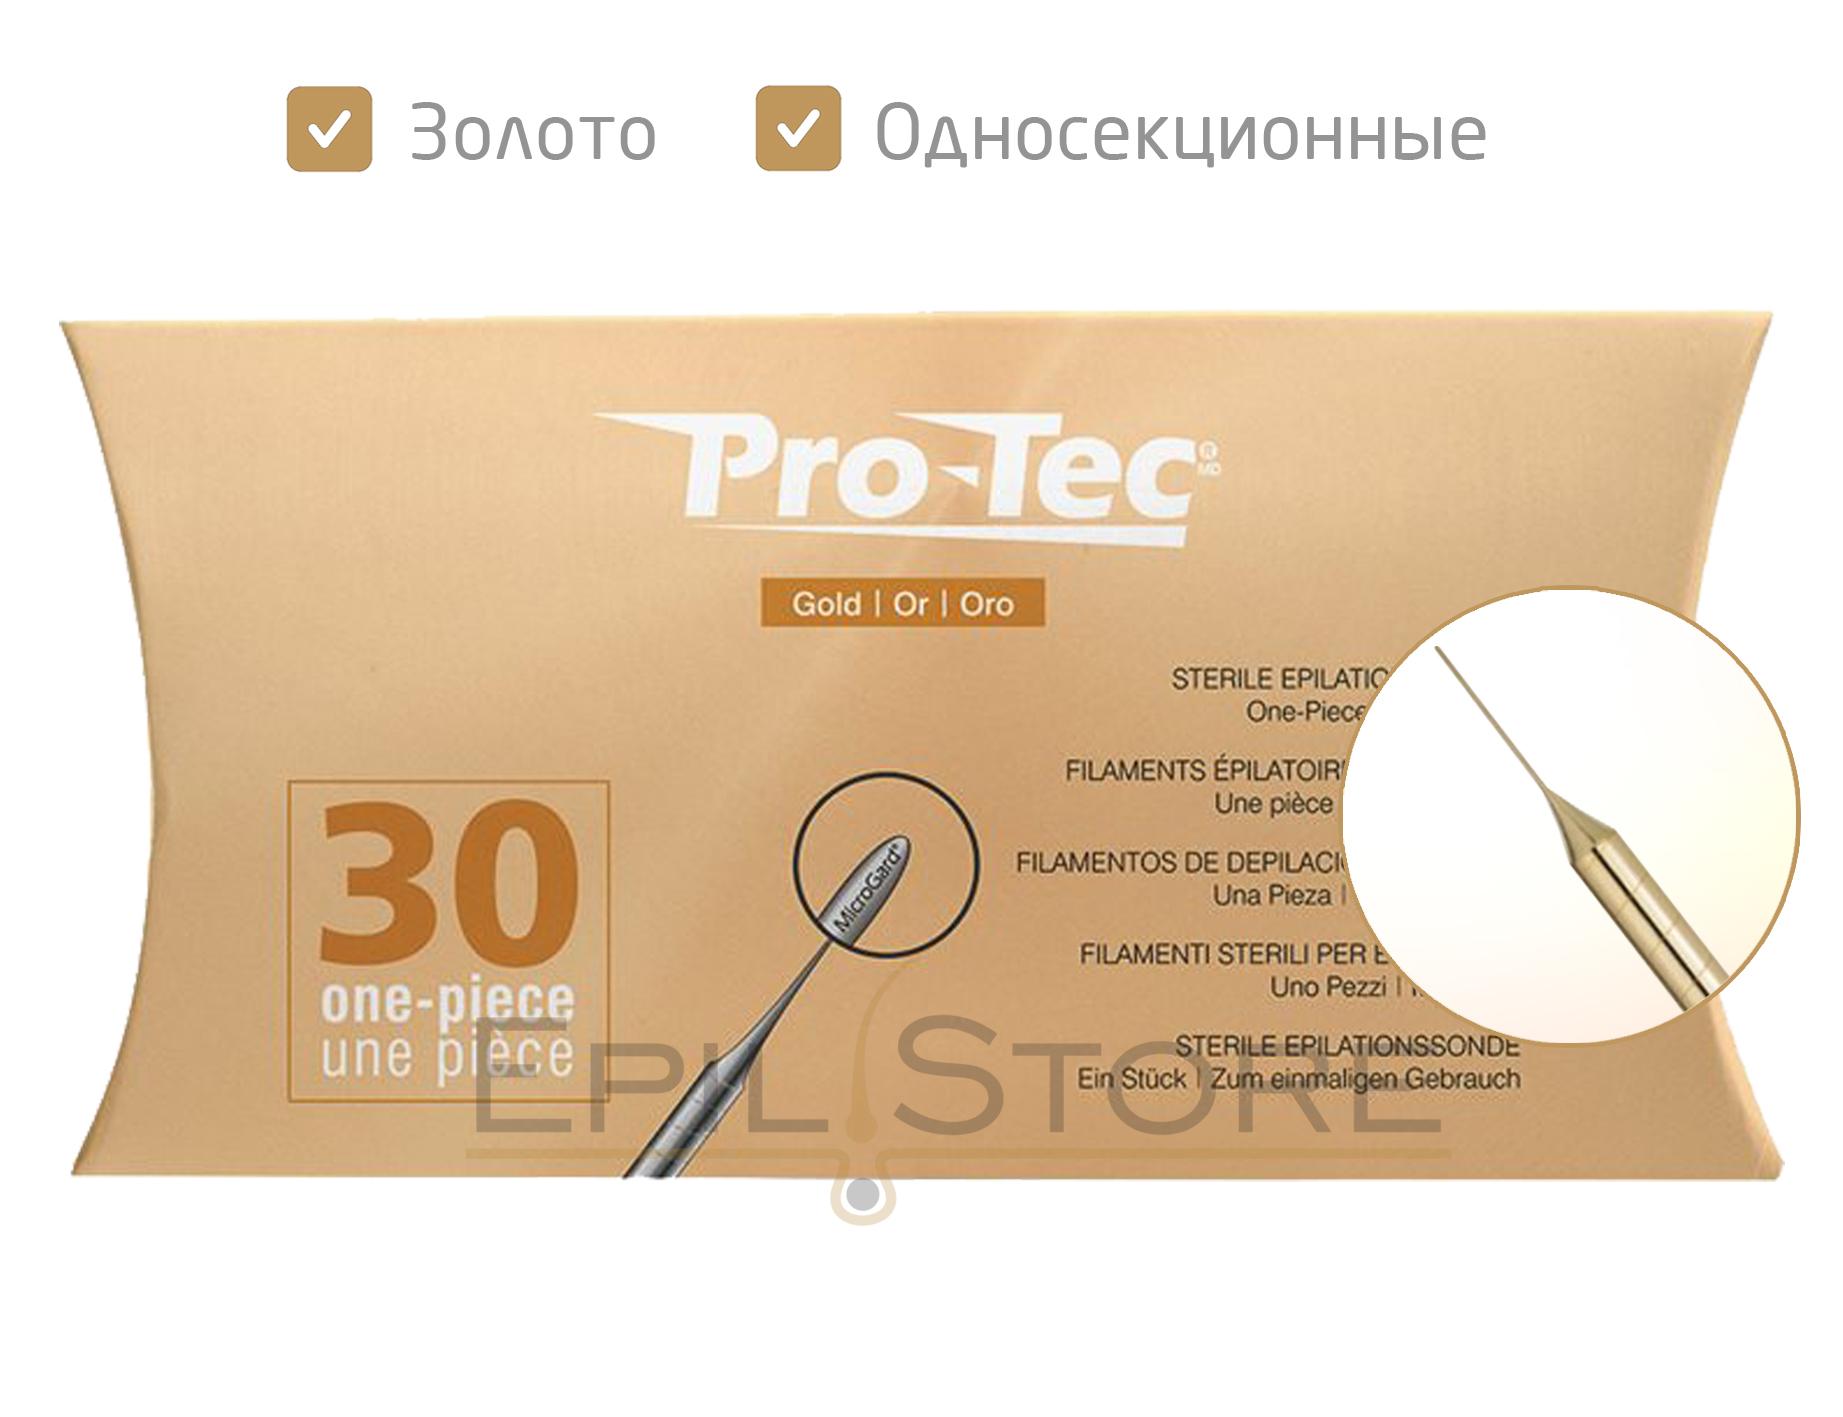 Pro-Tec Gold - золотые односекционные иглы (зонды), 30 штук